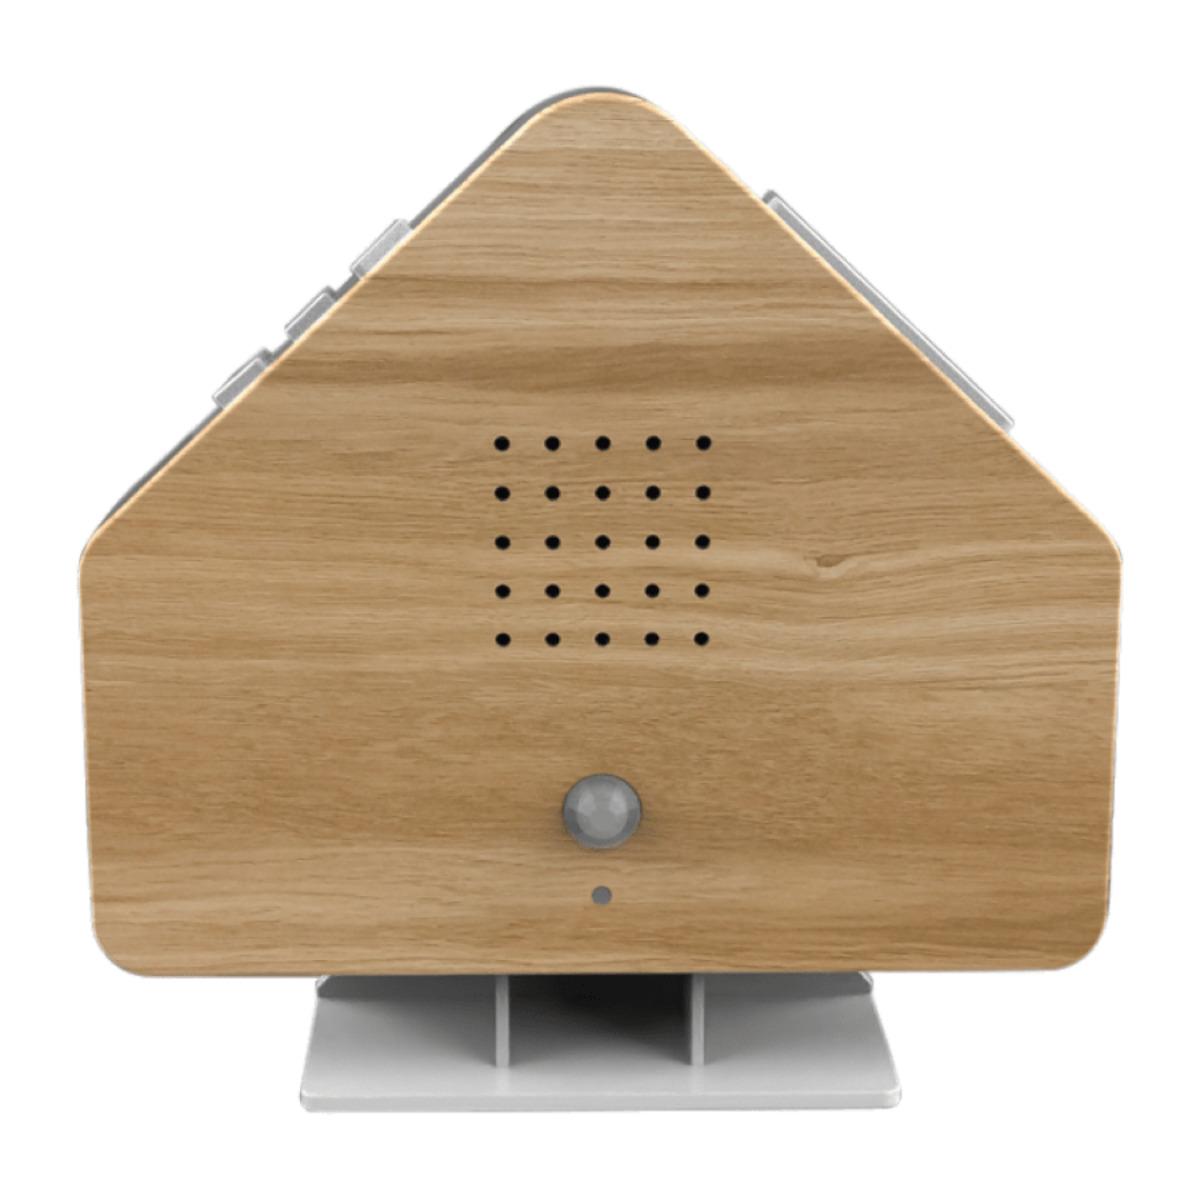 Bild 4 von QUIGG     Naturgeräusch-Box